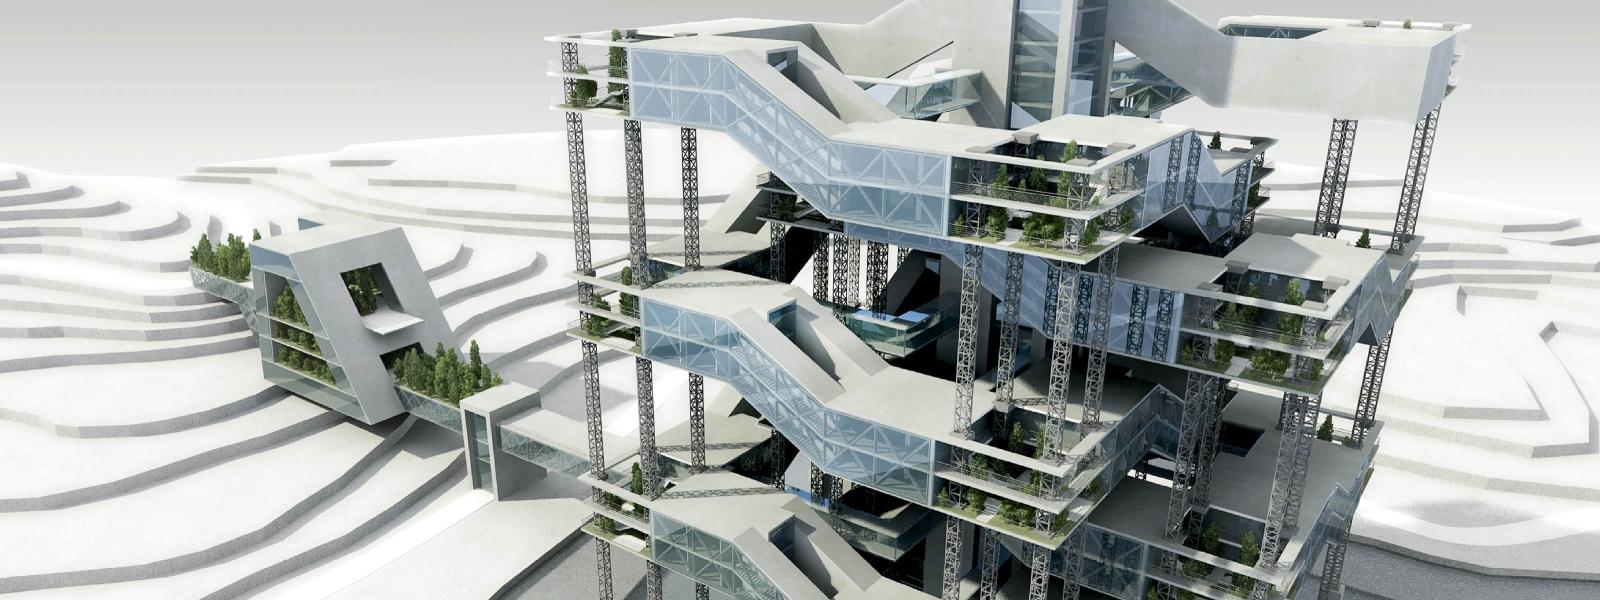 work-Экспериментальный жилой дом в условиях сложного рельефа с организацией переходного модуля